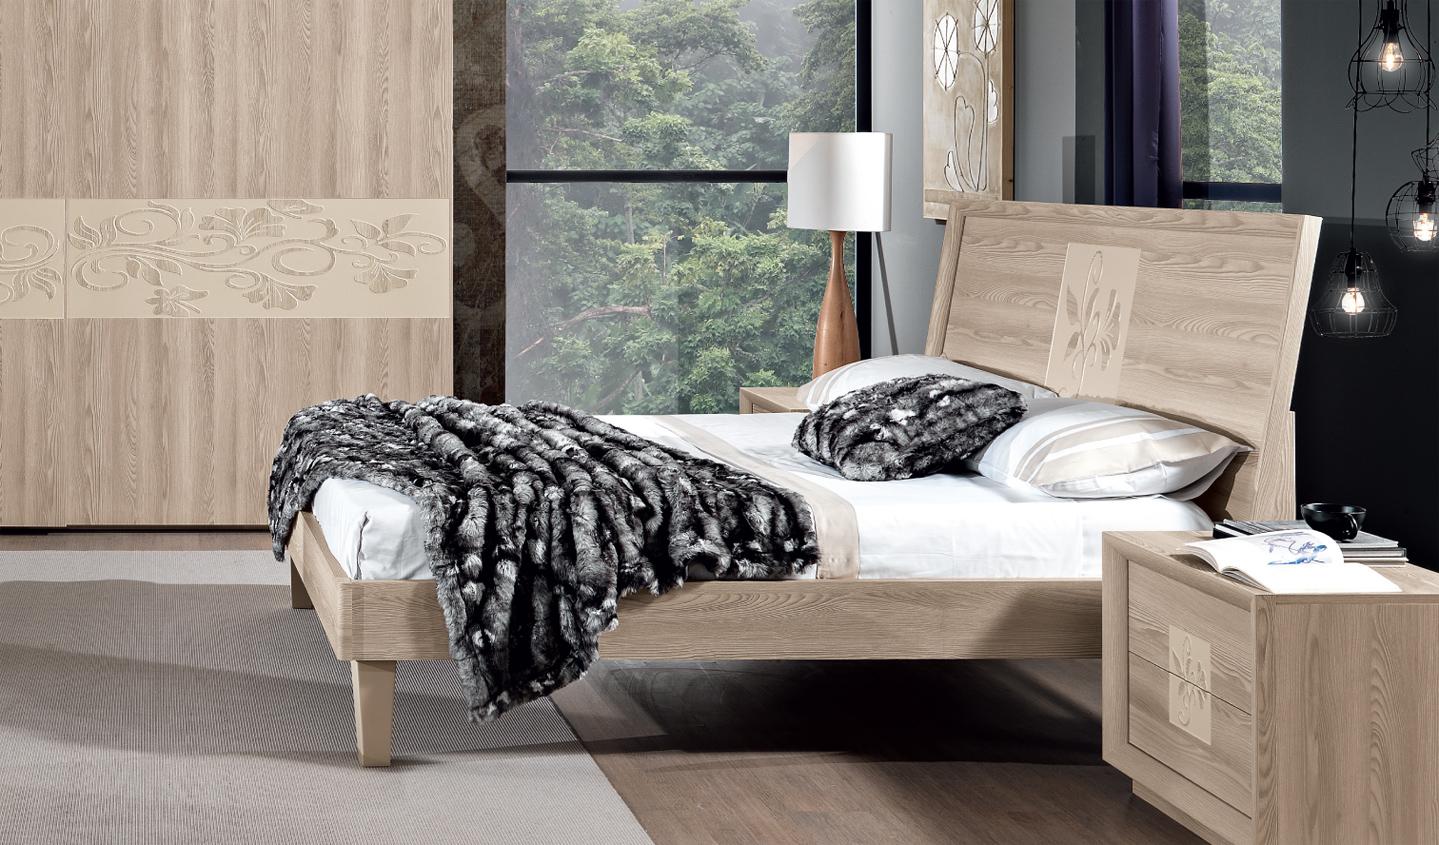 Artemide letto moderno made in italy - Specchi per camera da letto classica ...